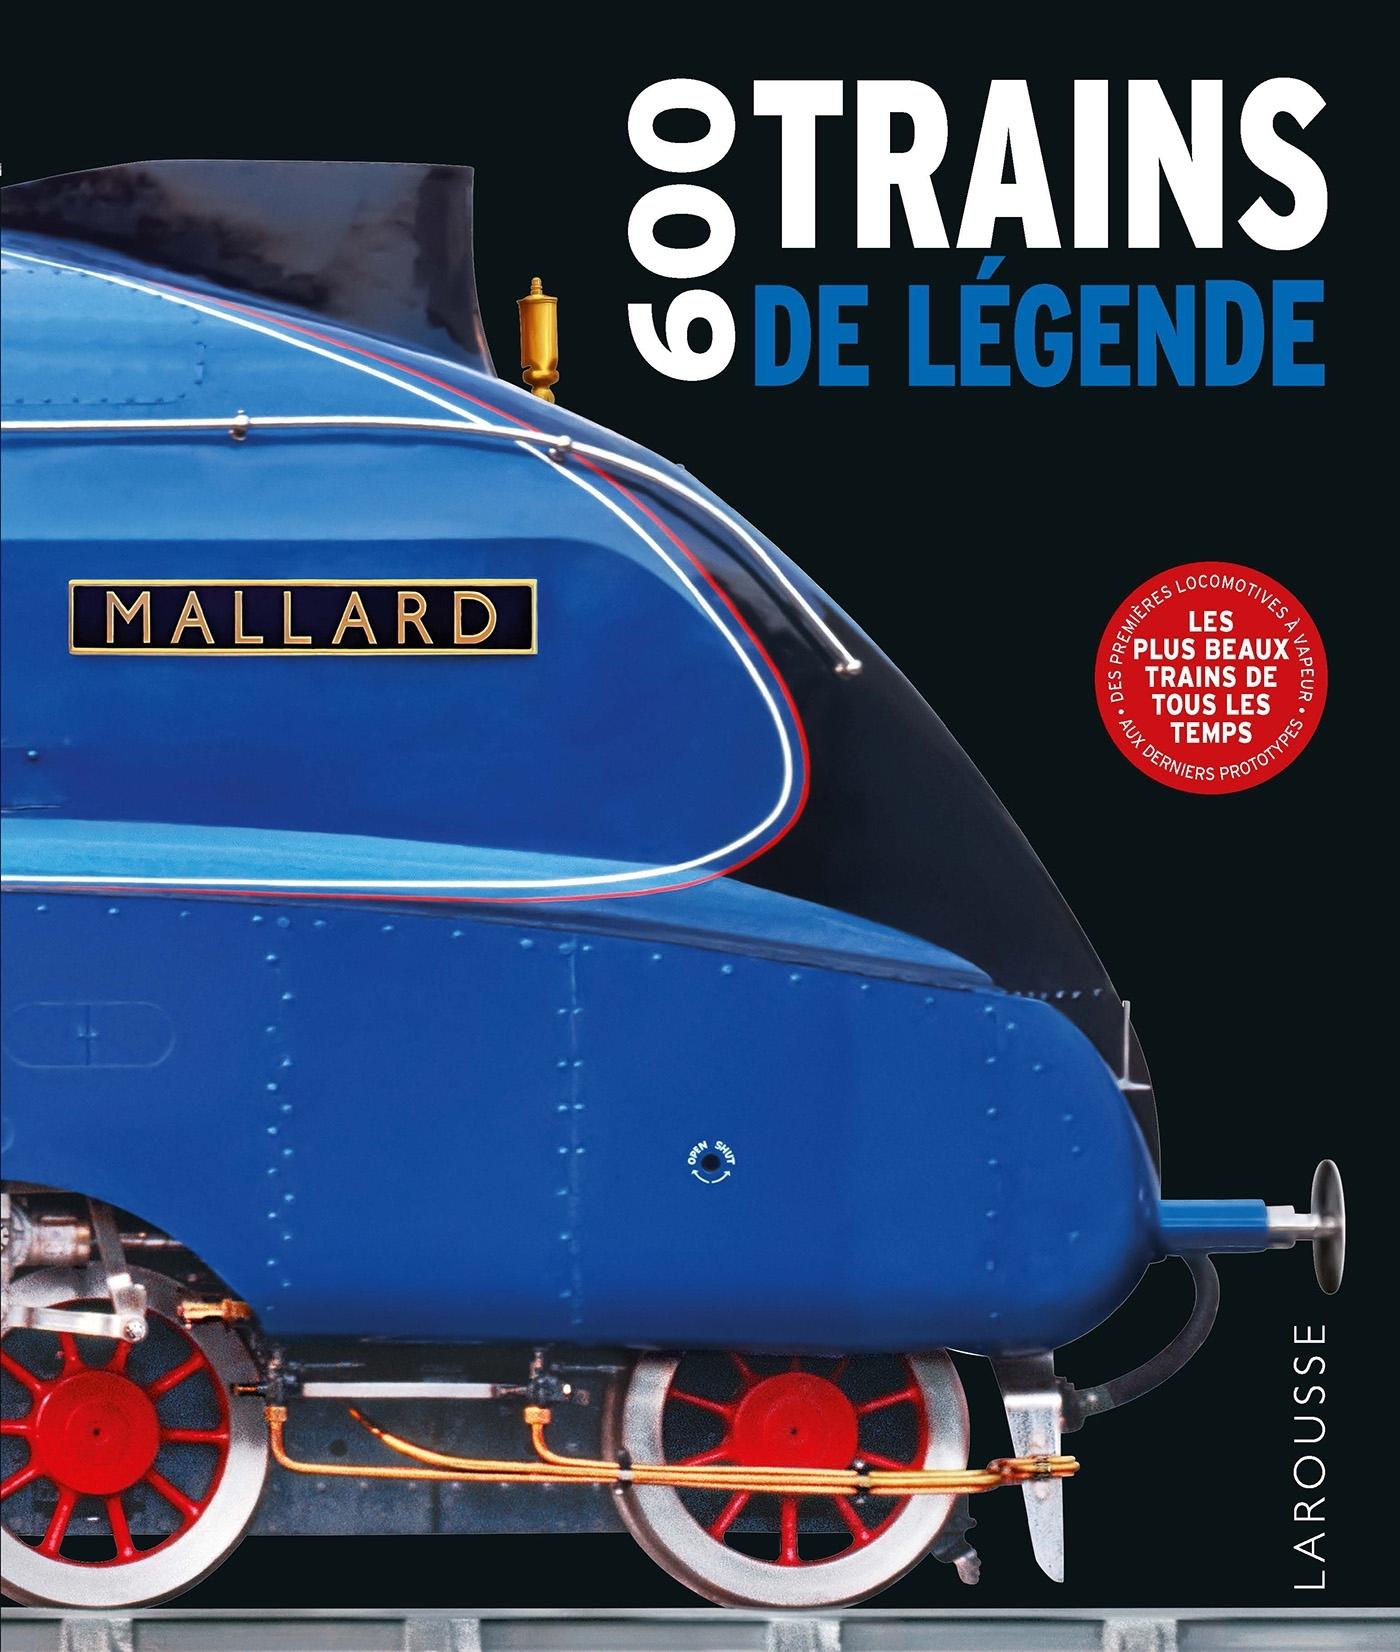 600 TRAINS DE LEGENDE